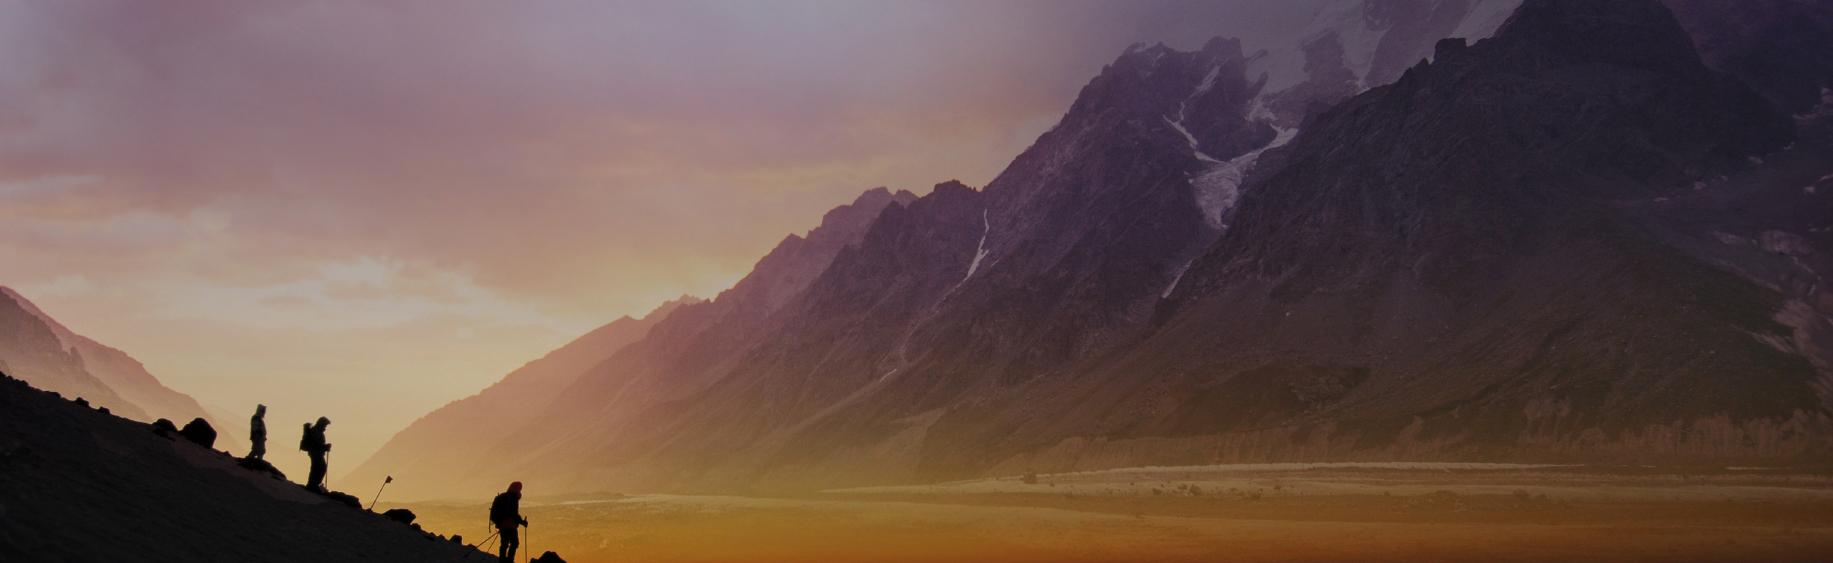 La randonnée à ski se déroule souvent en moyenne montagne. Sous la conduite d'un guide de haute montagne, vous évoluerez skis aux pieds sur des pentes enneigées dans un silence incomparable.  Cette activité s'adresse à des skieurs de bon niveau, à l'aise sur tous les types de neige non préparée. Une bonne condition physique est requise pour une montée variant entre 2 et 5 heures. La solidarité, le partage et le respect de l'autre sont les maîtres mots de ces rendez-vous.